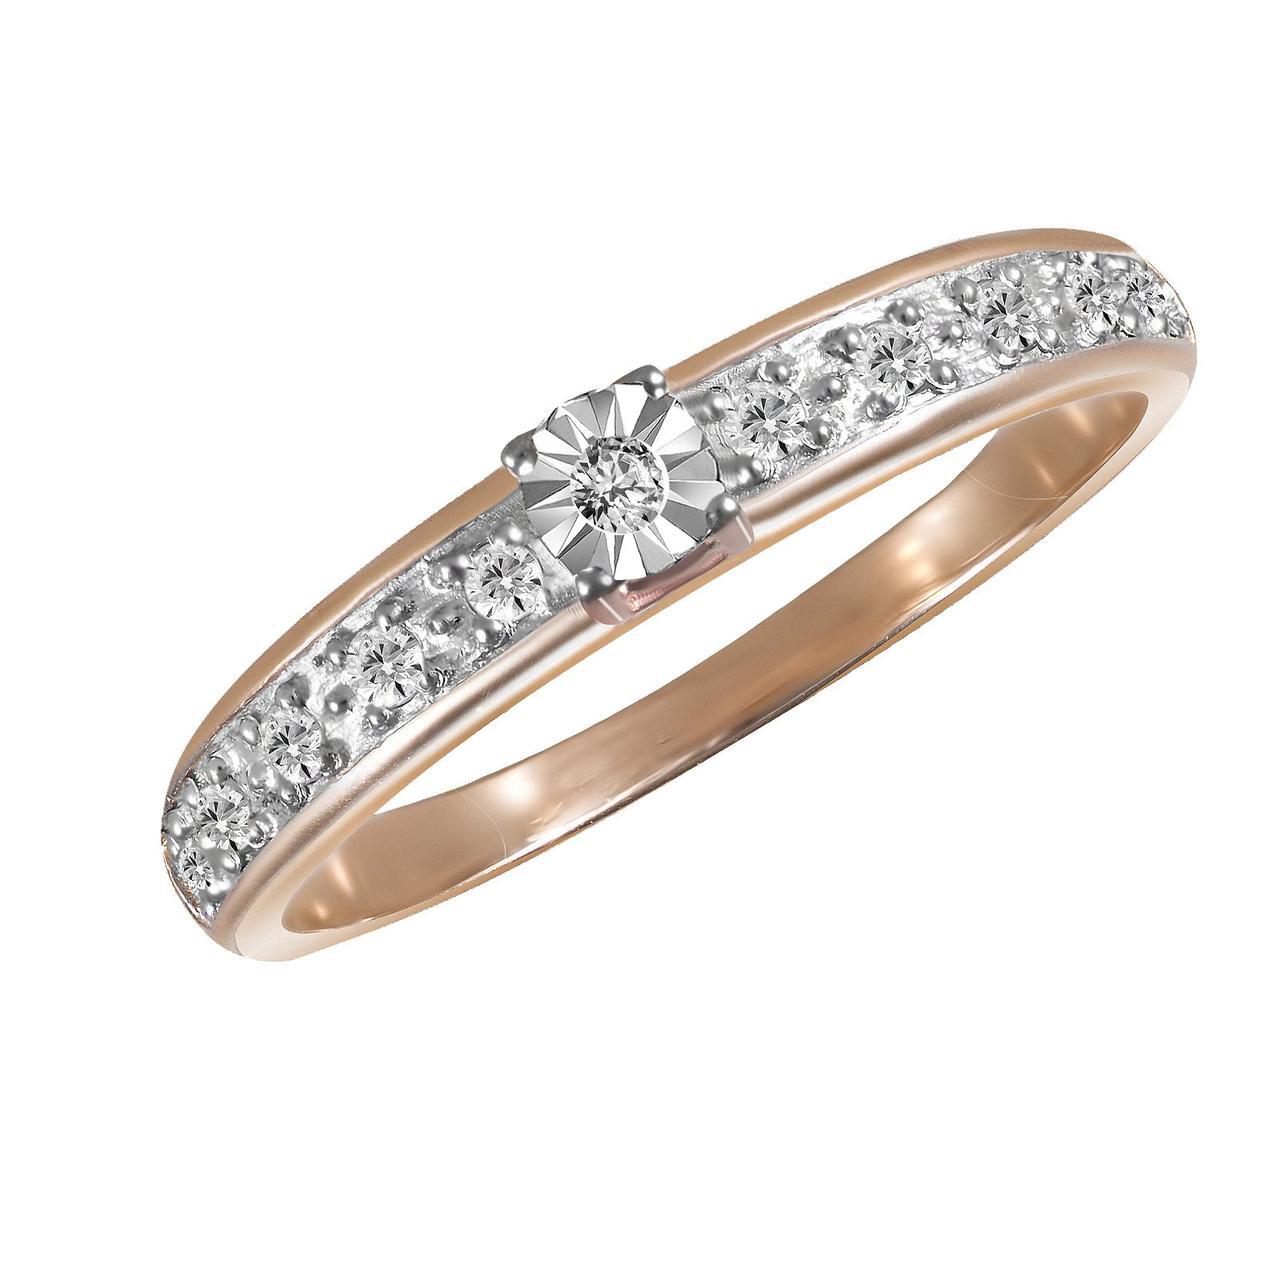 Золотое кольцо с бриллиантами, размер 15.5 (026093)